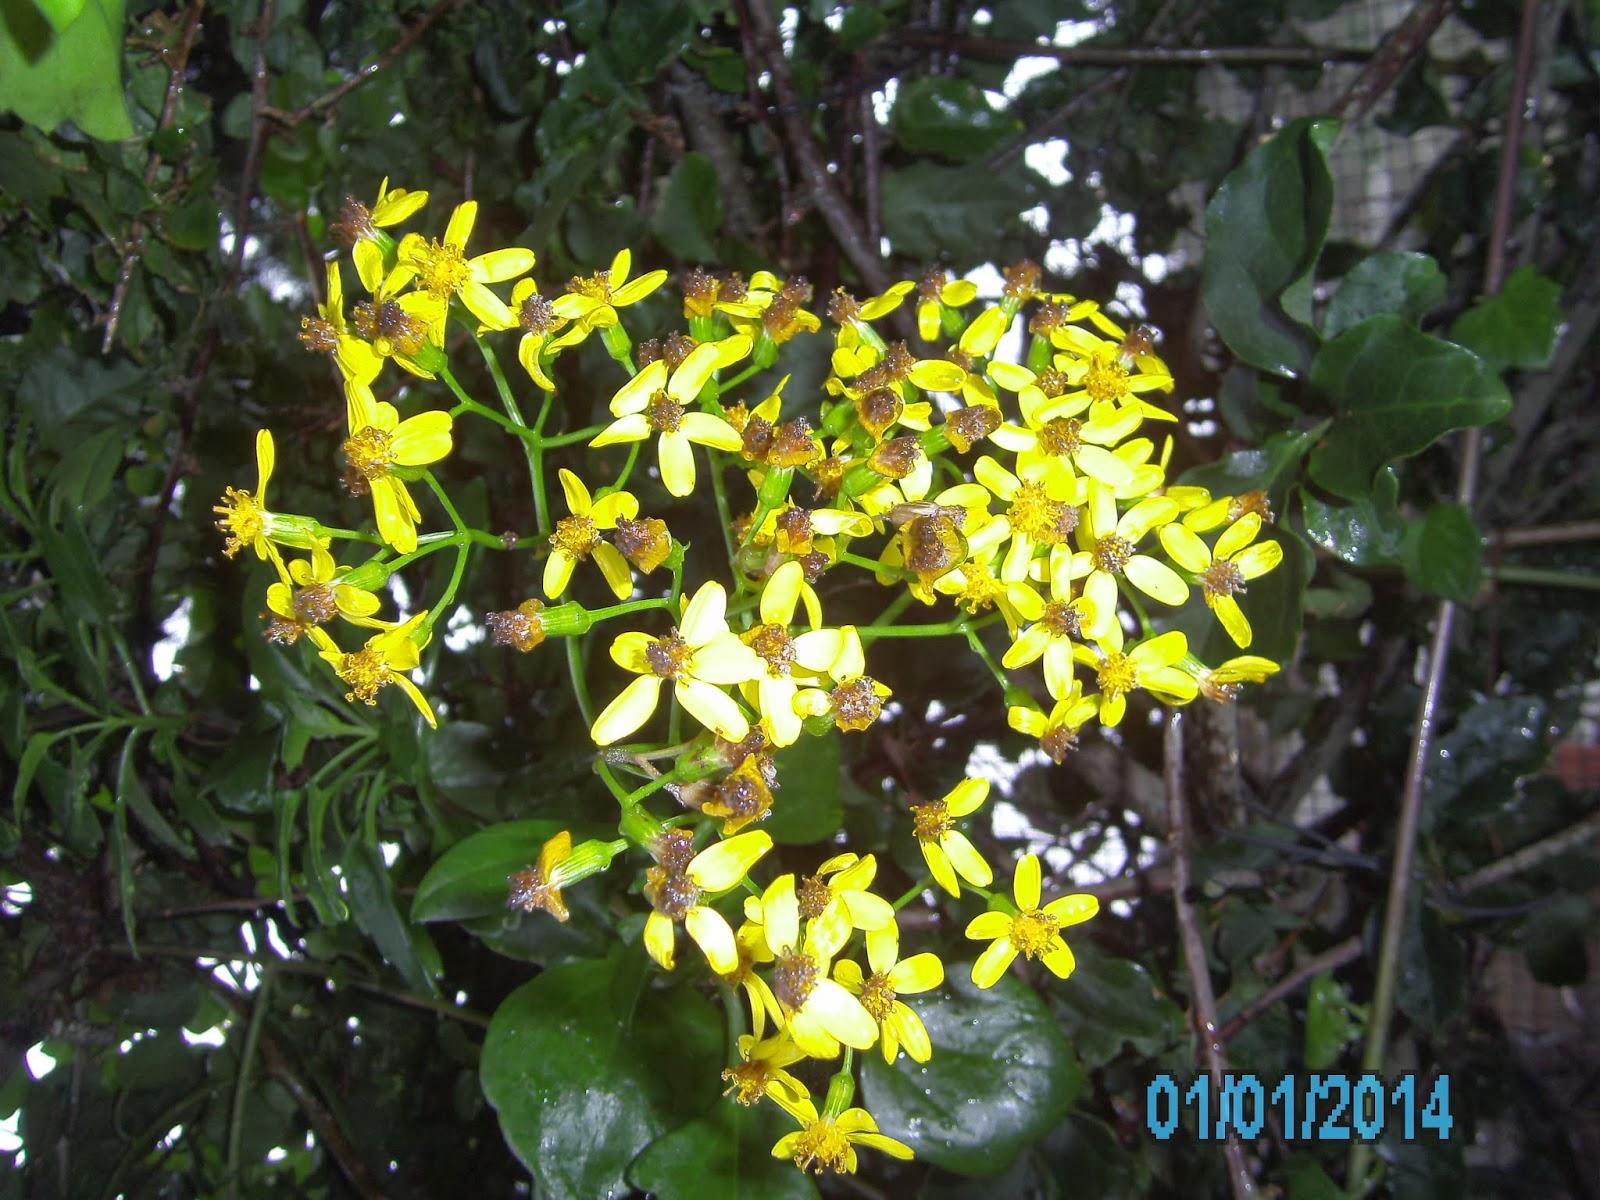 flor de jardim amarela:Enviar a mensagem por e-mail Dê a sua opinião! Partilhar no Twitter